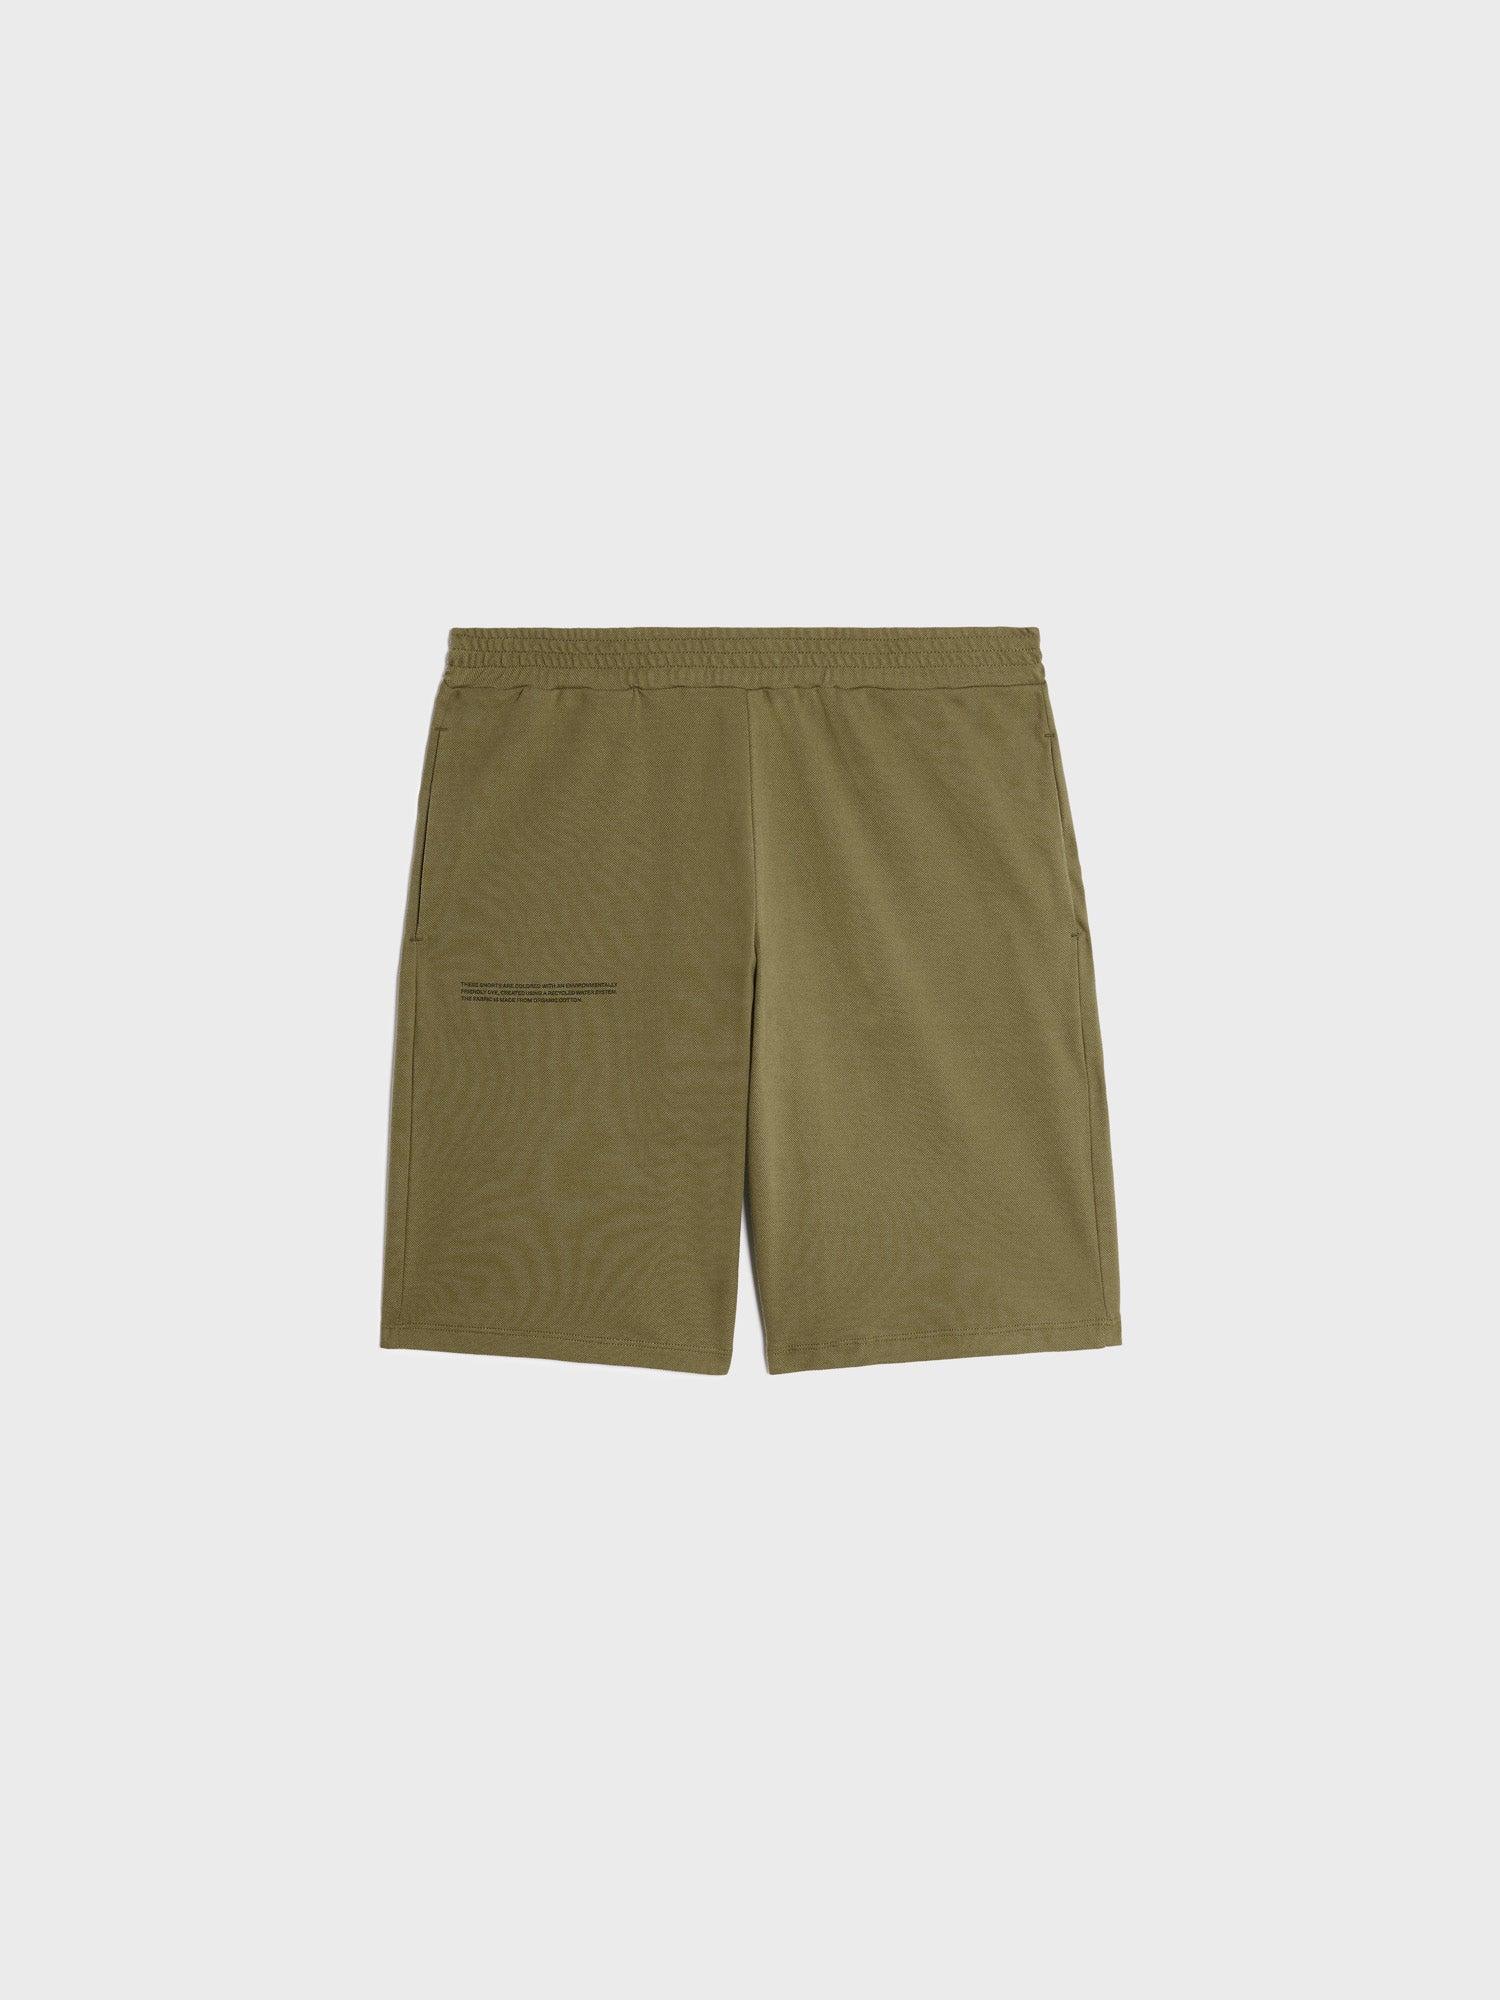 Organic cotton pique shorts